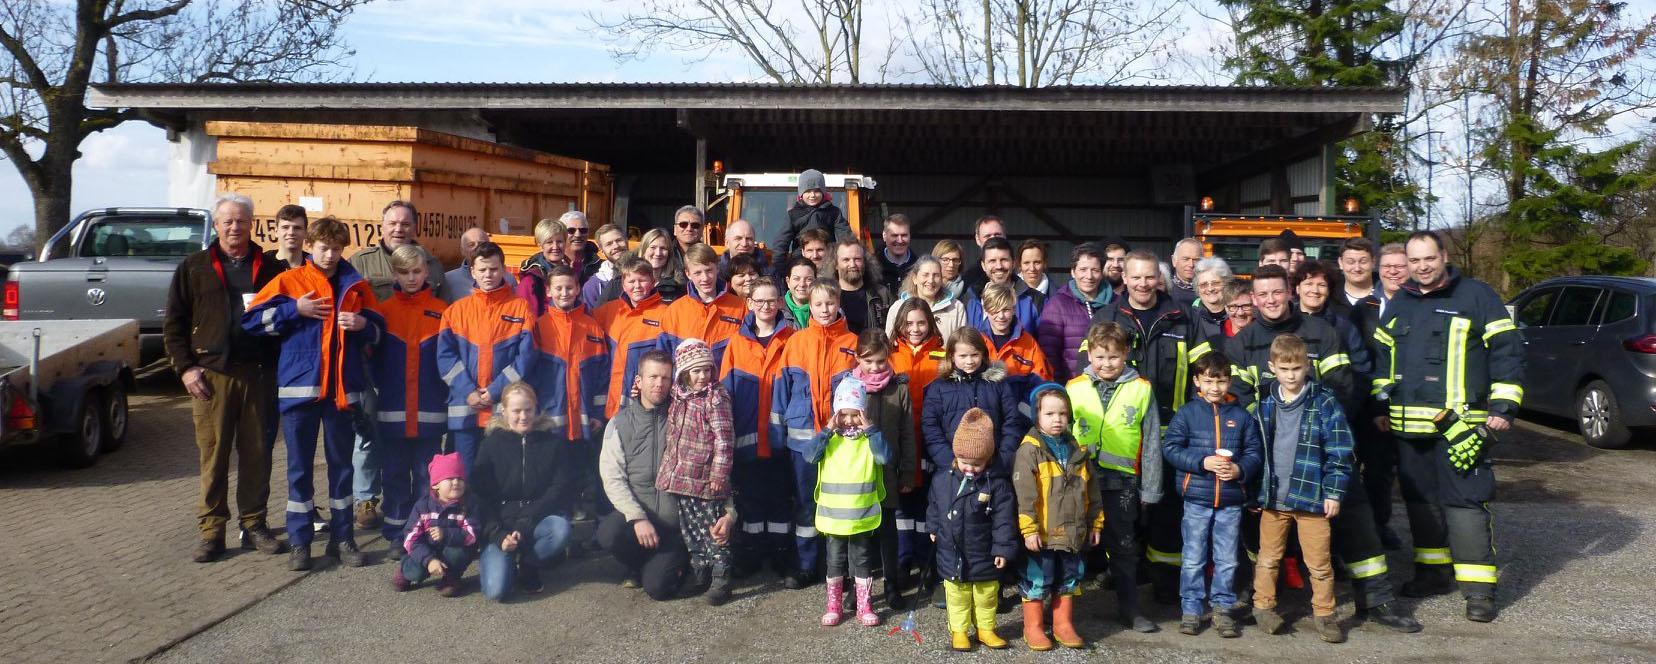 Bild von der Helfern